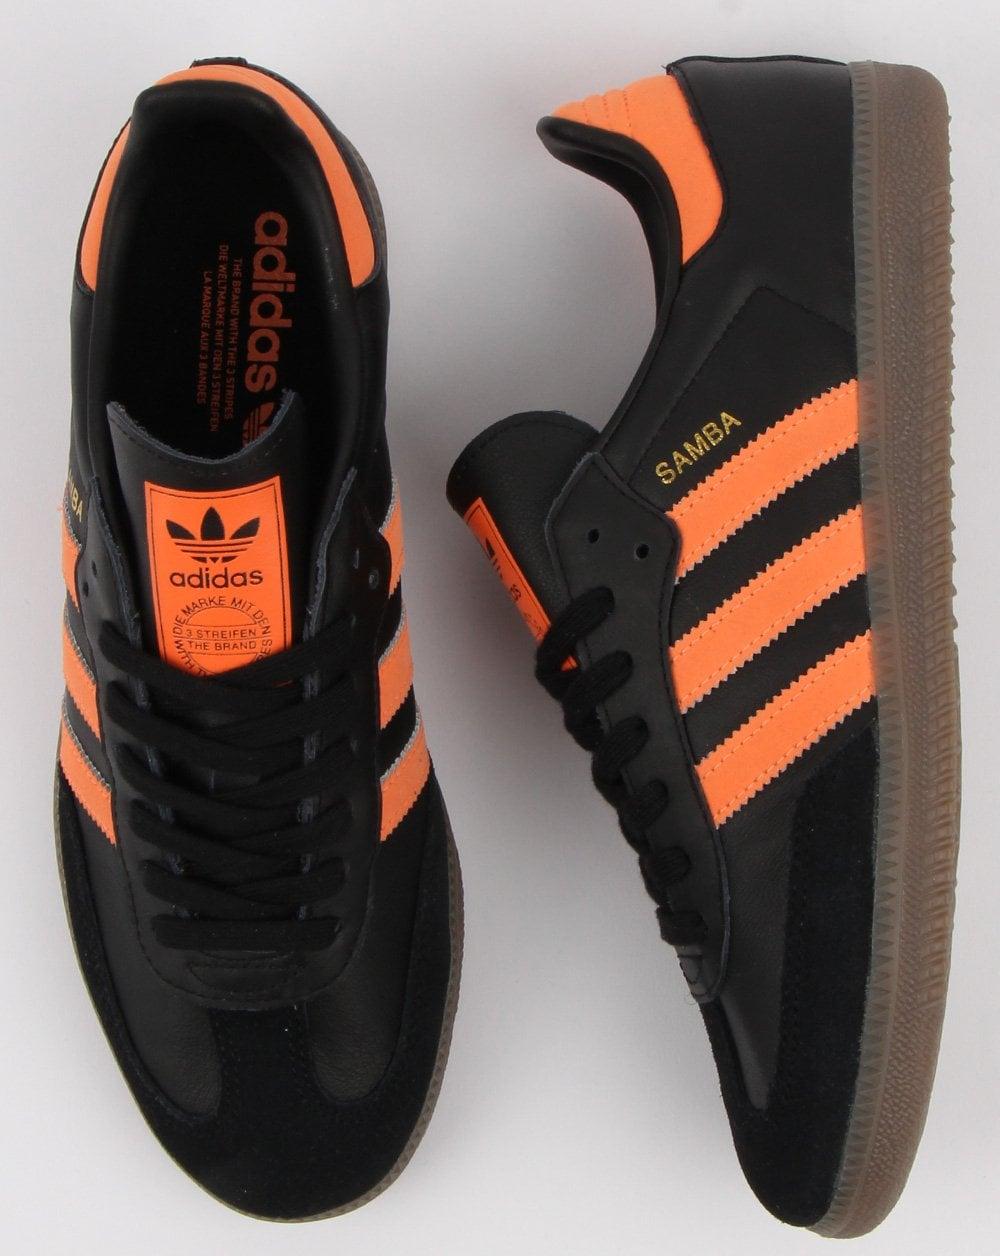 Adidas Samba, Black, Og Trainers